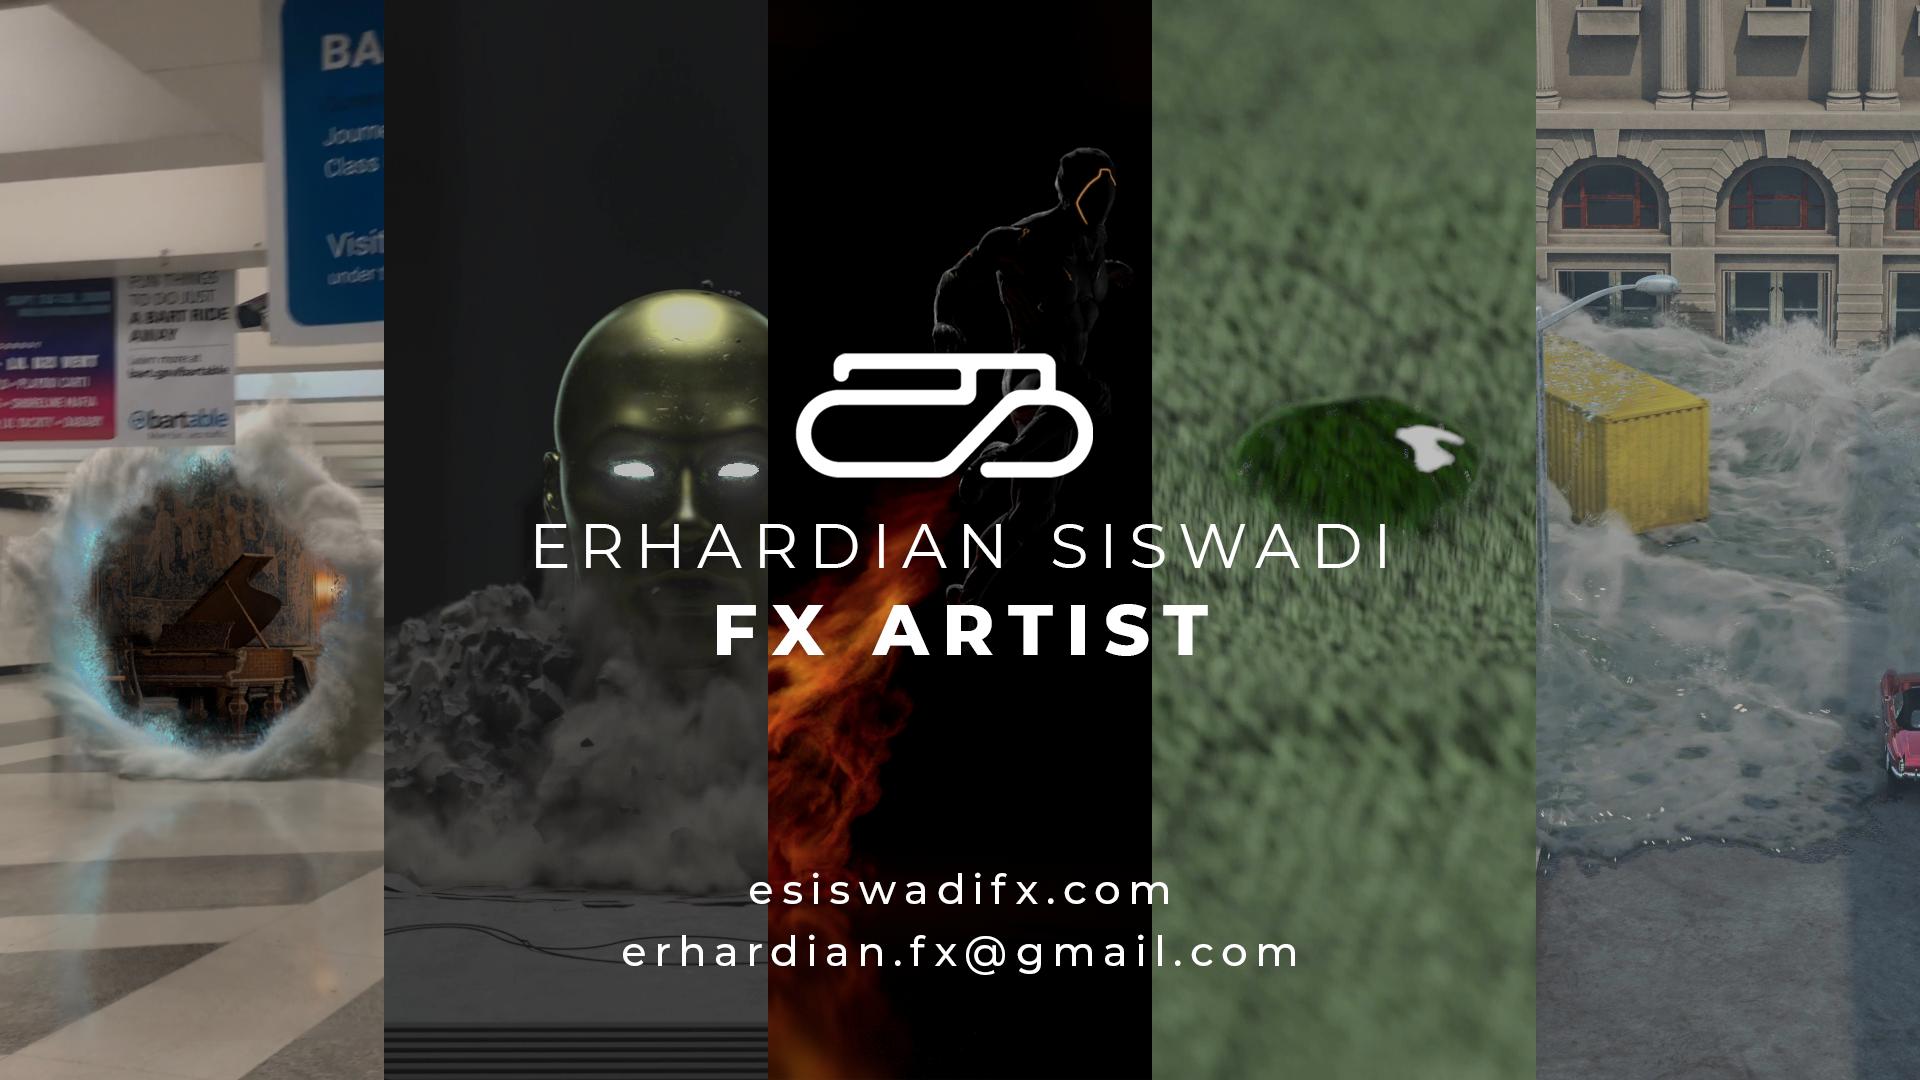 Erhardian Siswadi